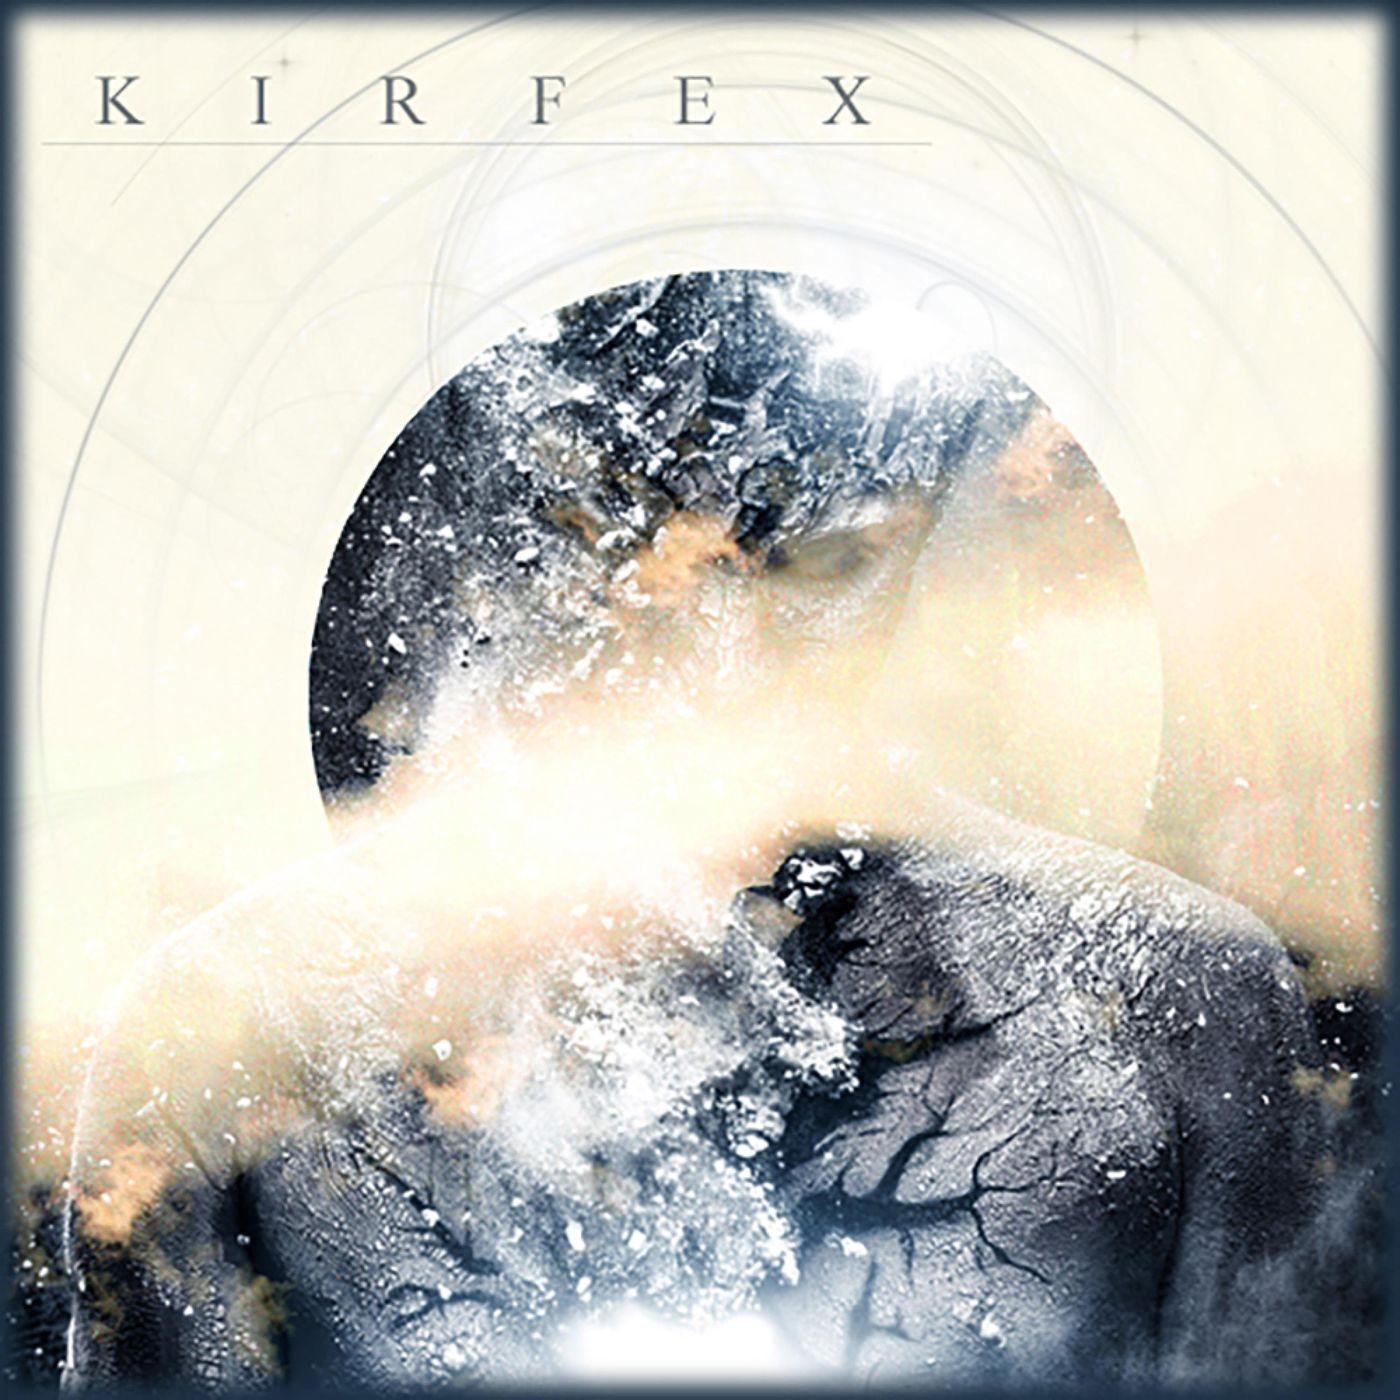 Kirfex - Anxiety [single] (2020)